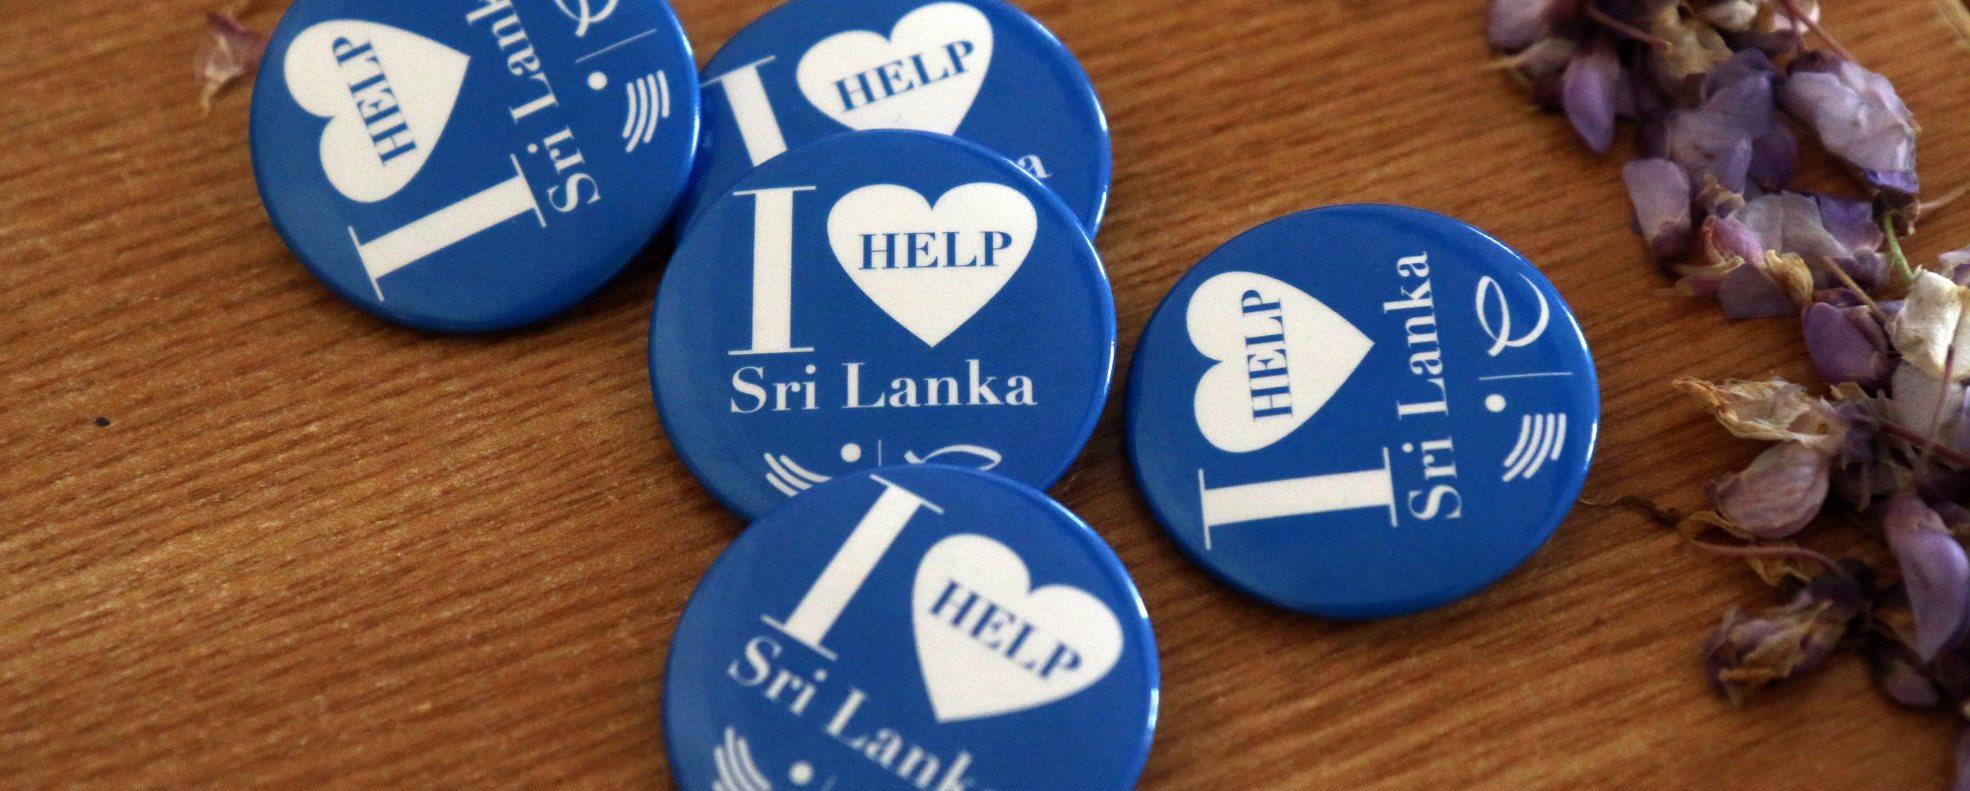 Merényletek Srí Lankán - A nyíregyházi Kossuth gimnázium végzősei is csatlakoztak az evangélikusok gyűjtéséhez